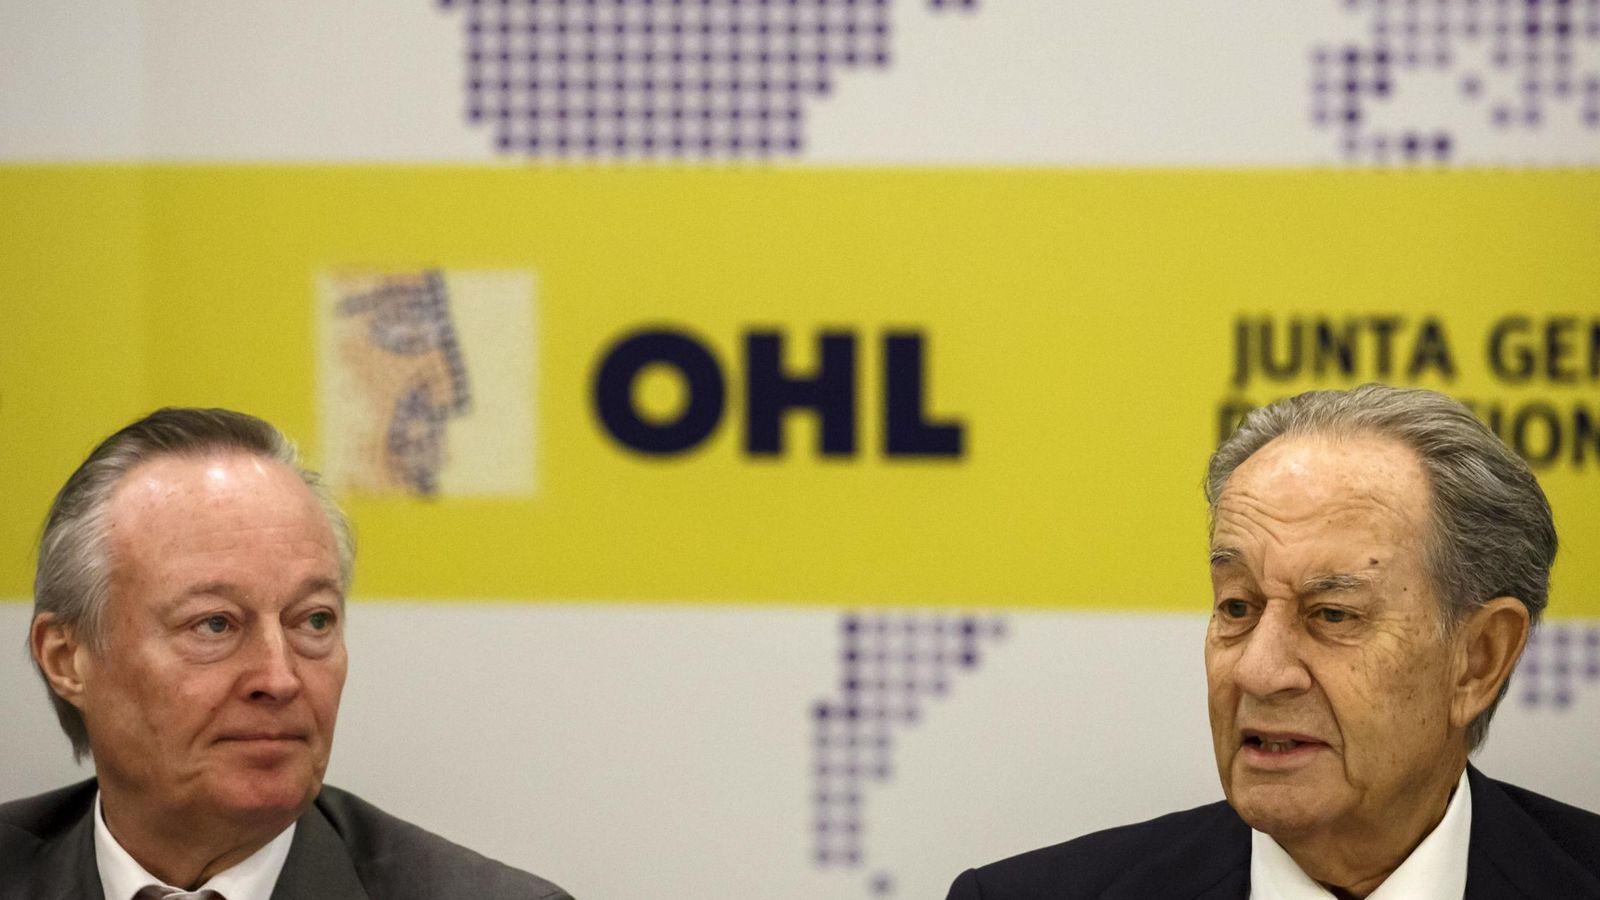 Foto: Josep Piqué, consejero delegado de OHL, y Juan Miguel Villar Mir, presidente